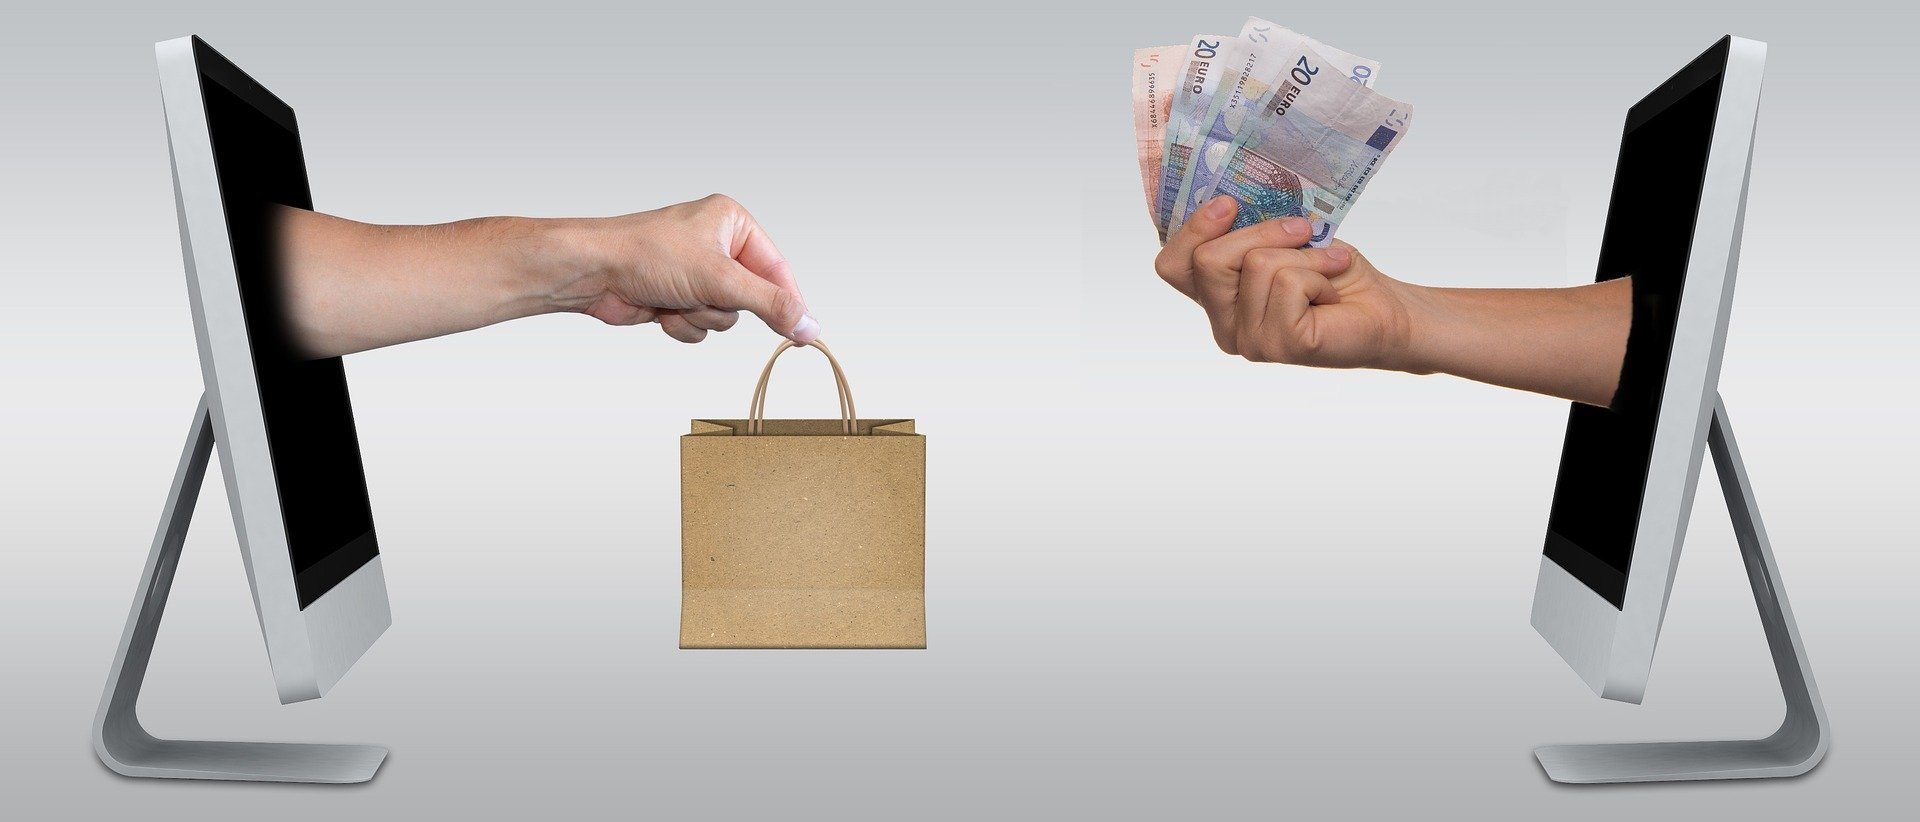 Departamento de compras: ¿qué metodología seguir para acertar?